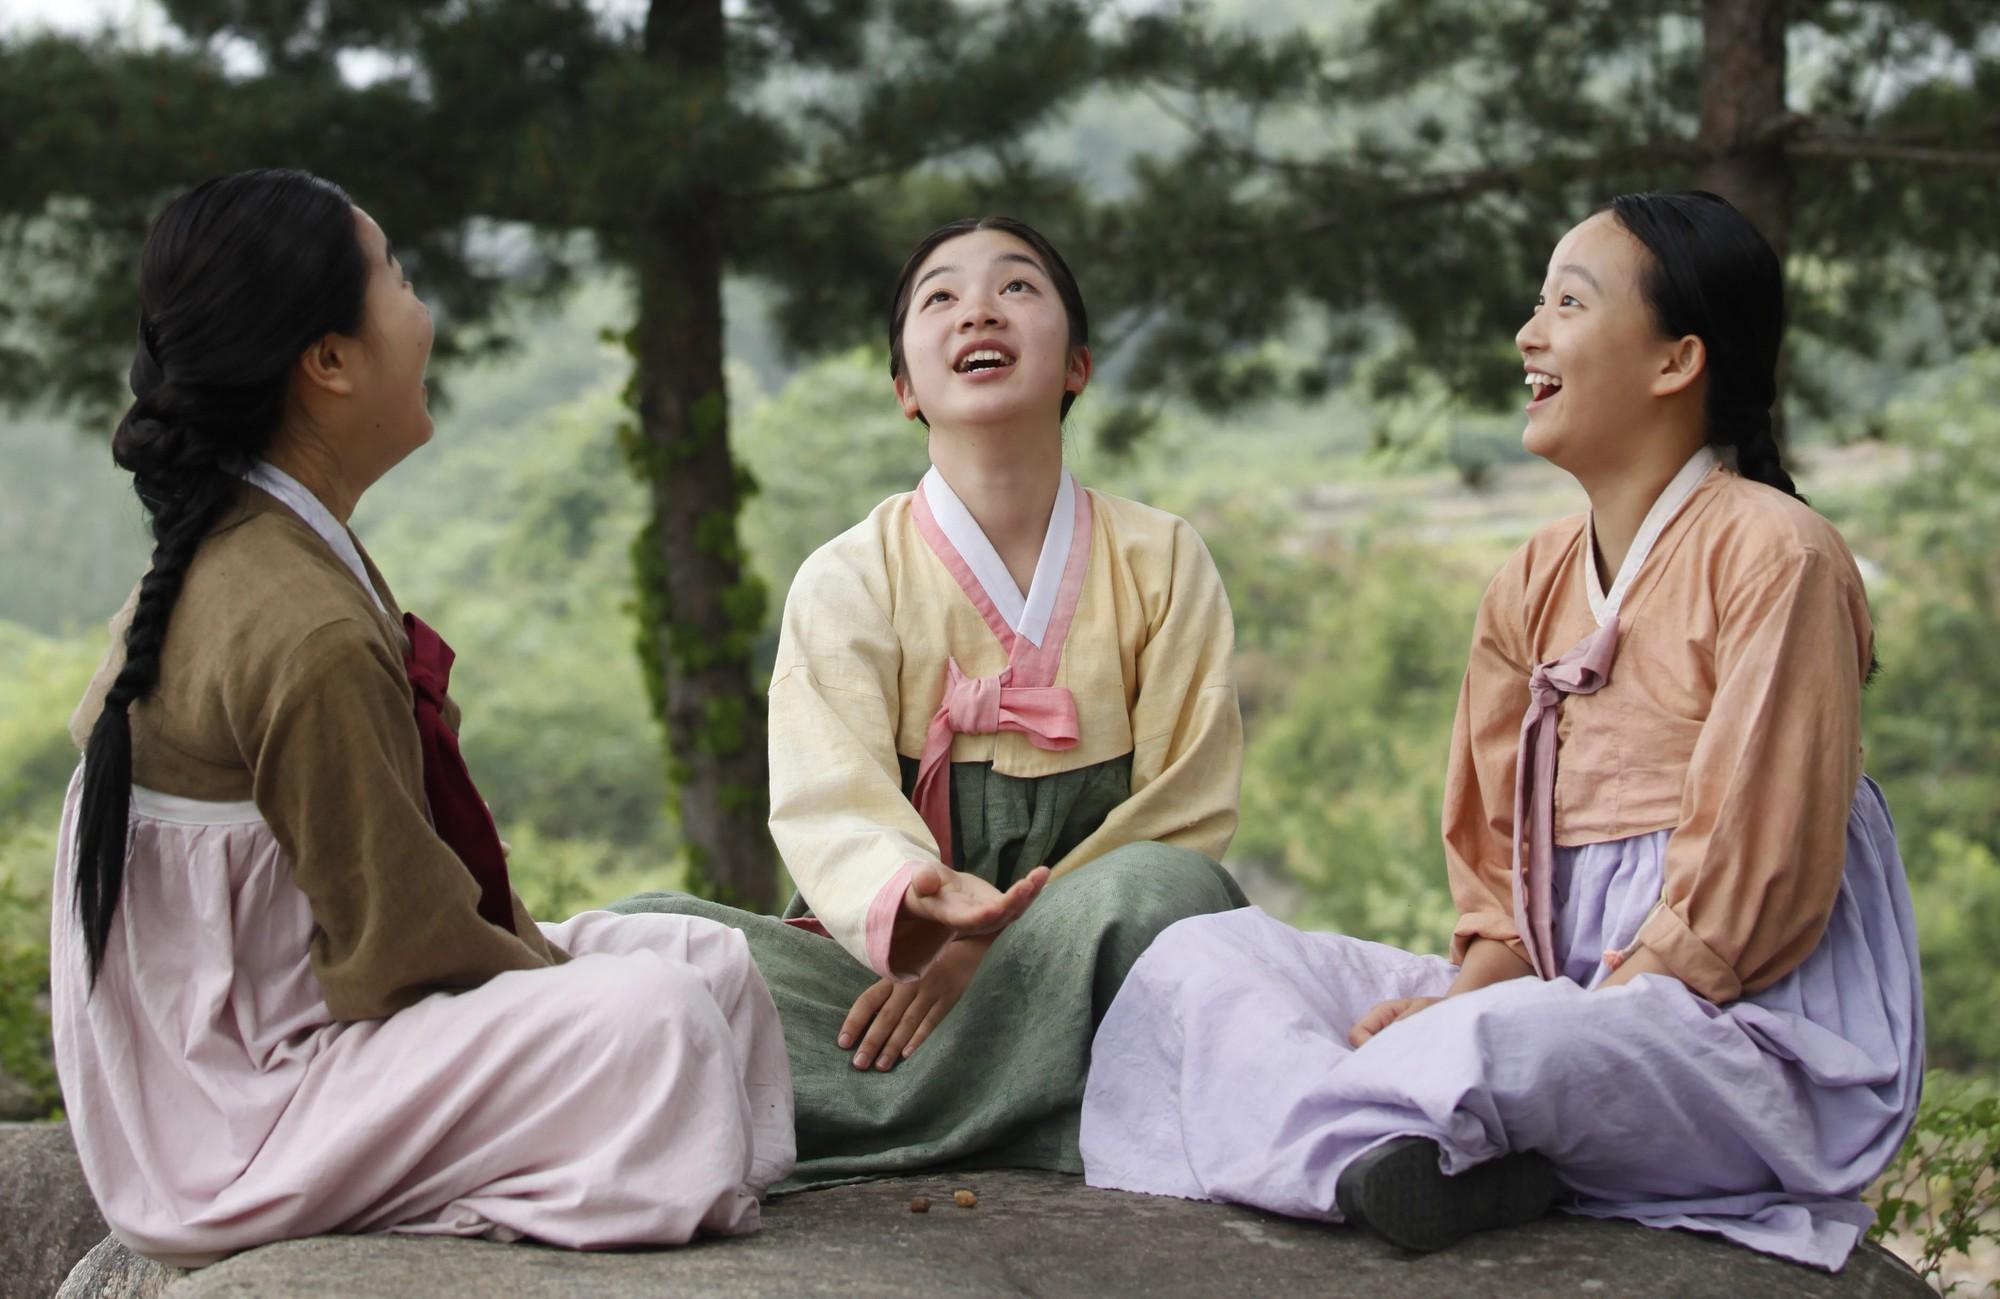 Sao nhí Hàn Quốc bị netizen Nhật uy hiếp vì đóng phim về nô lệ tình dục thời chiến - Ảnh 4.